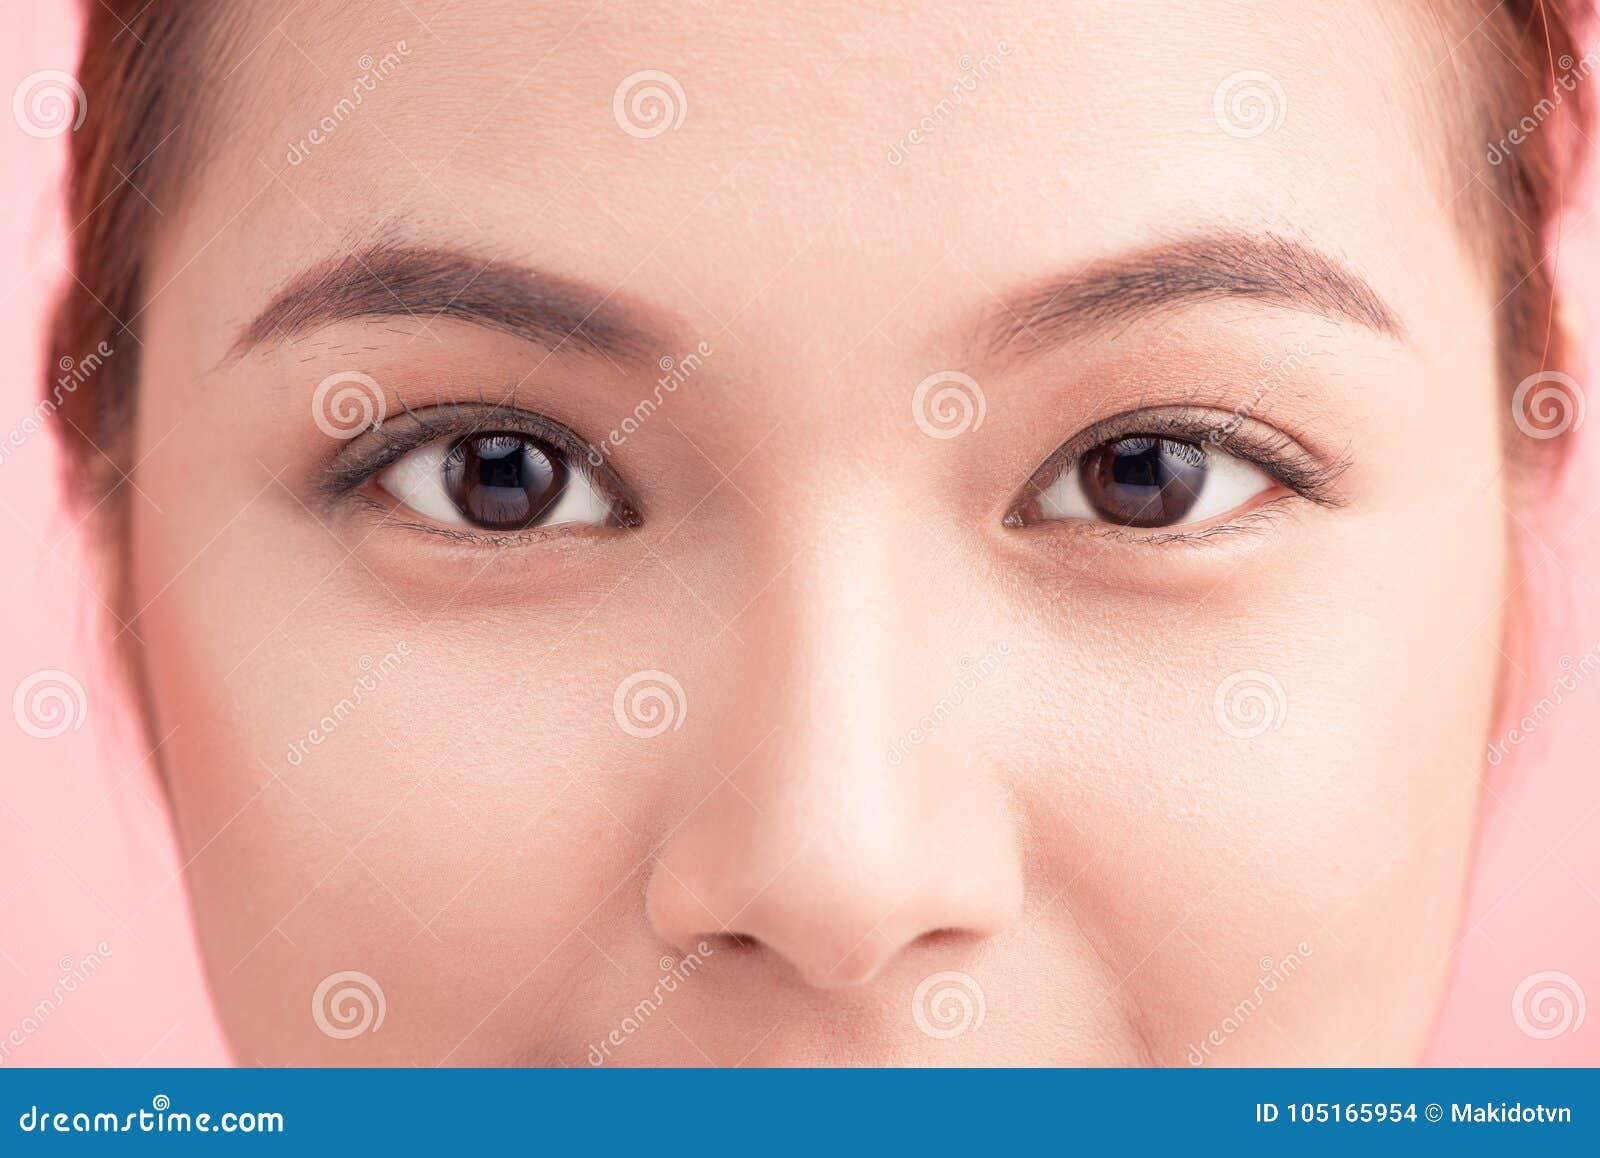 Красивые азиаткие глаза